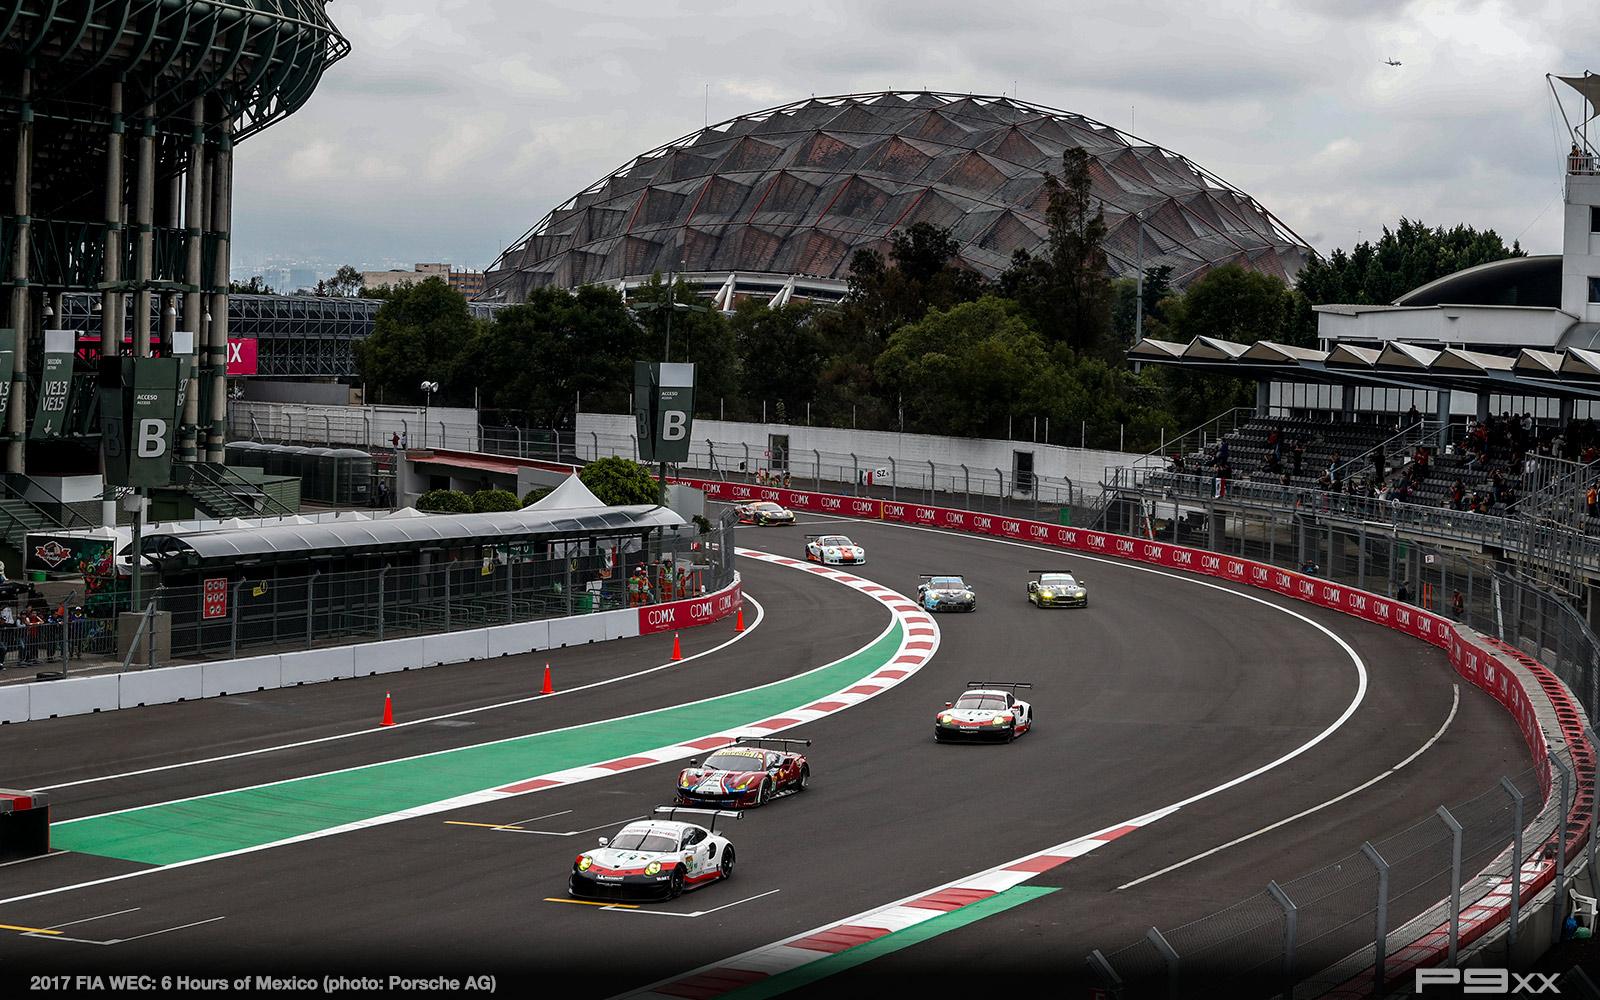 2017-FIA-WEC-6-HOURS-MEXICO-PORSCHE-1339